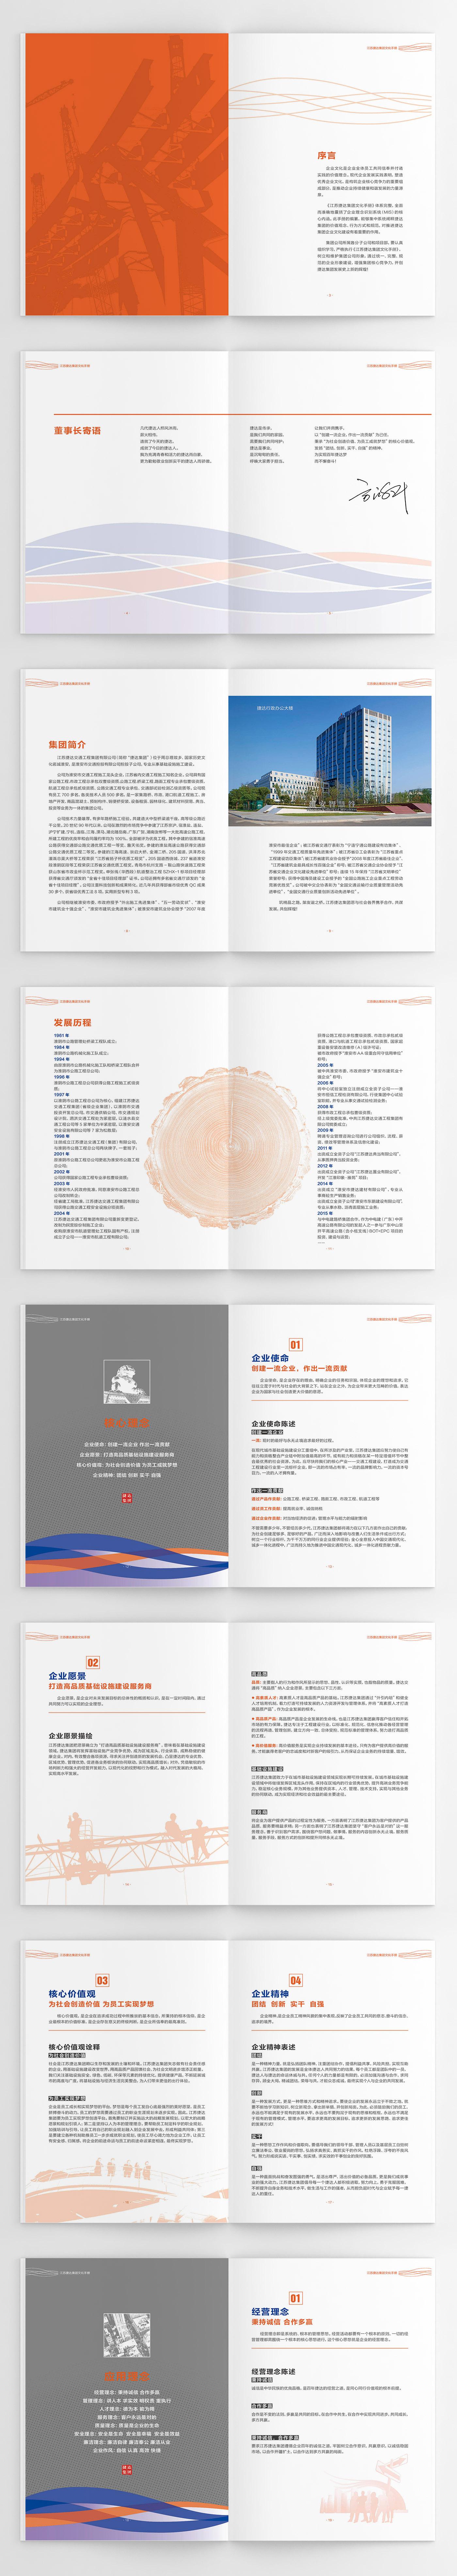 内页效果3.jpg